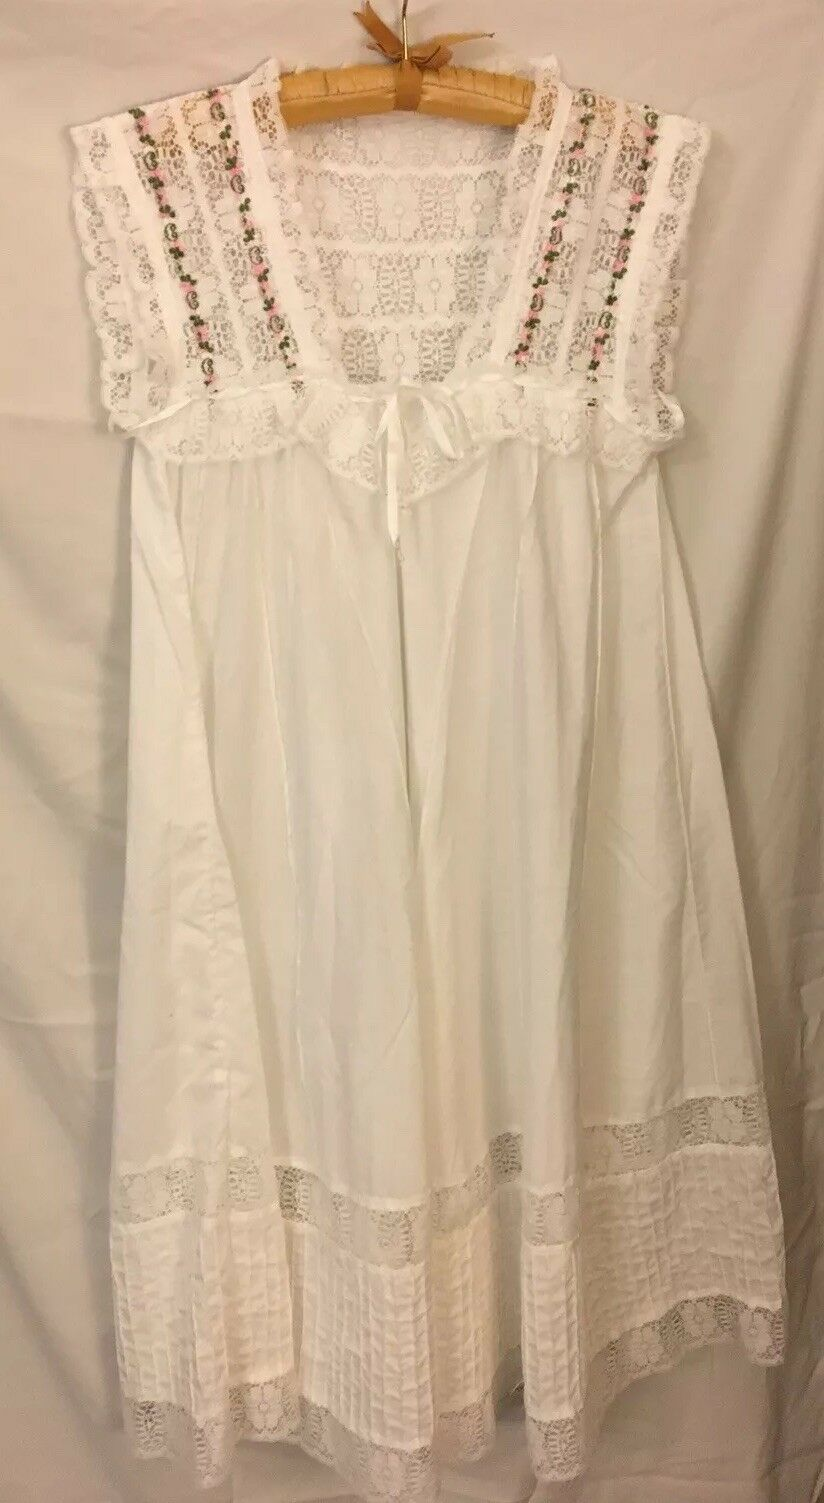 damen Handmade Cotton Dress w Rosa Flowers, Lace, Pintuck Gown. Größe L XL